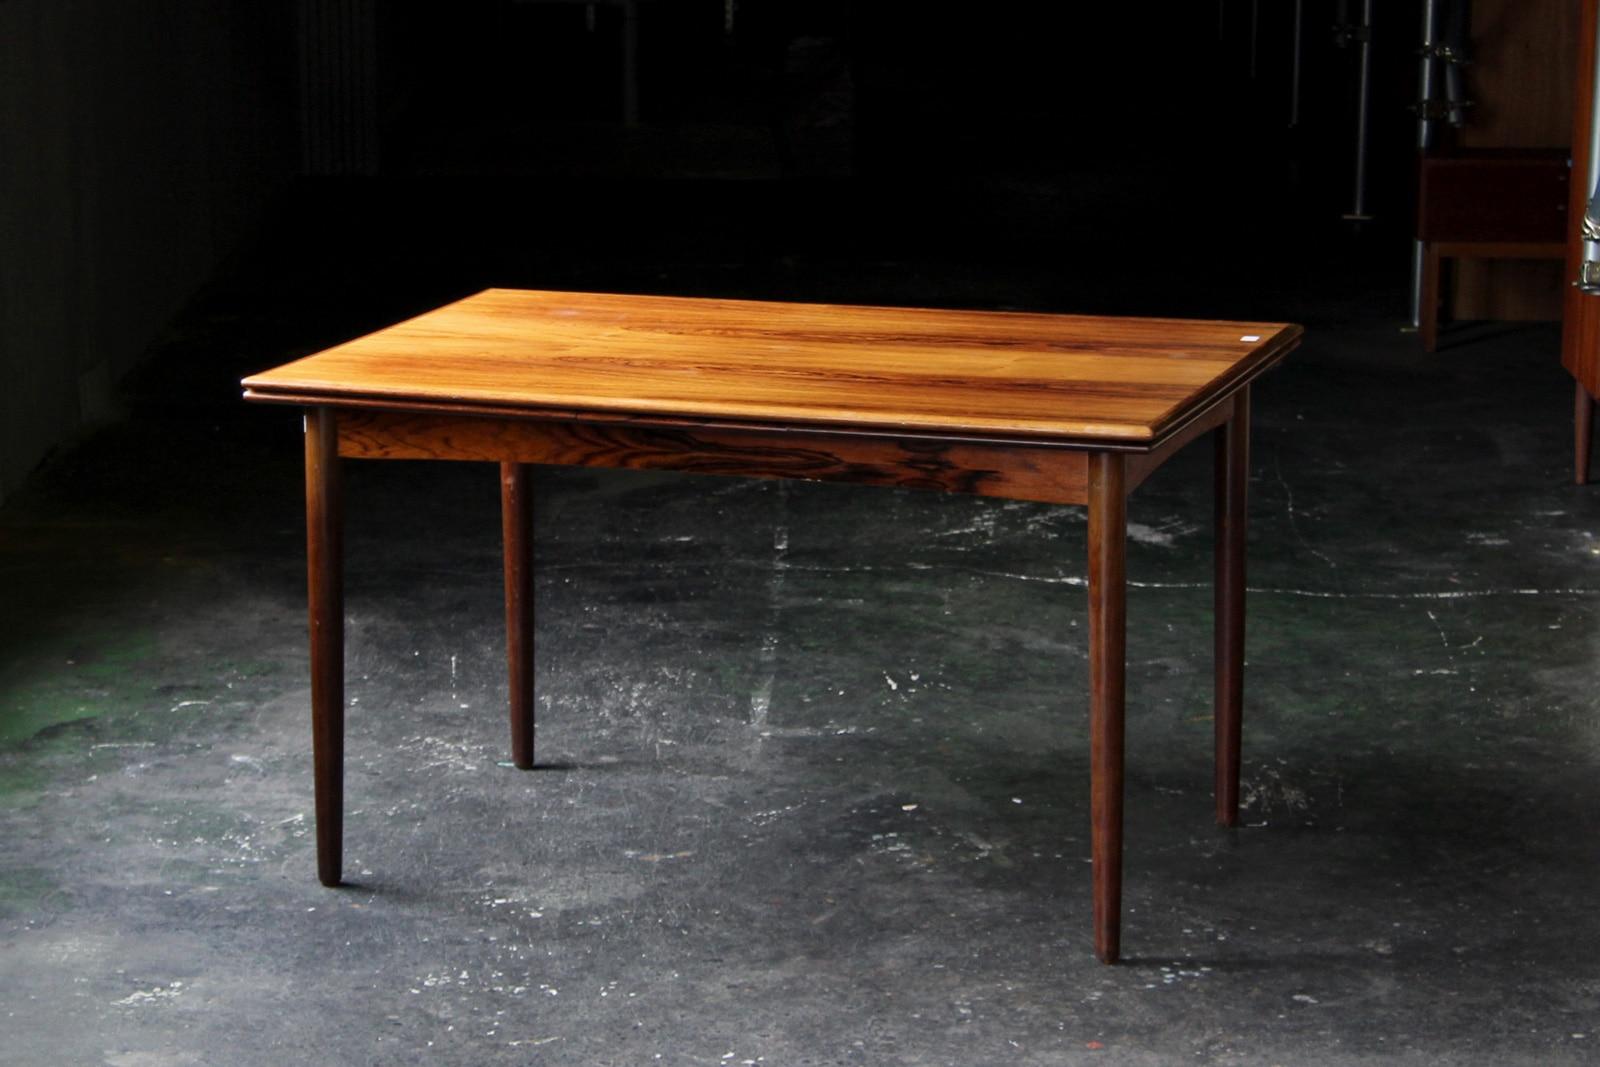 北欧,アンティーク,家具,ダイニングテーブル,ローズウッド材,130cm